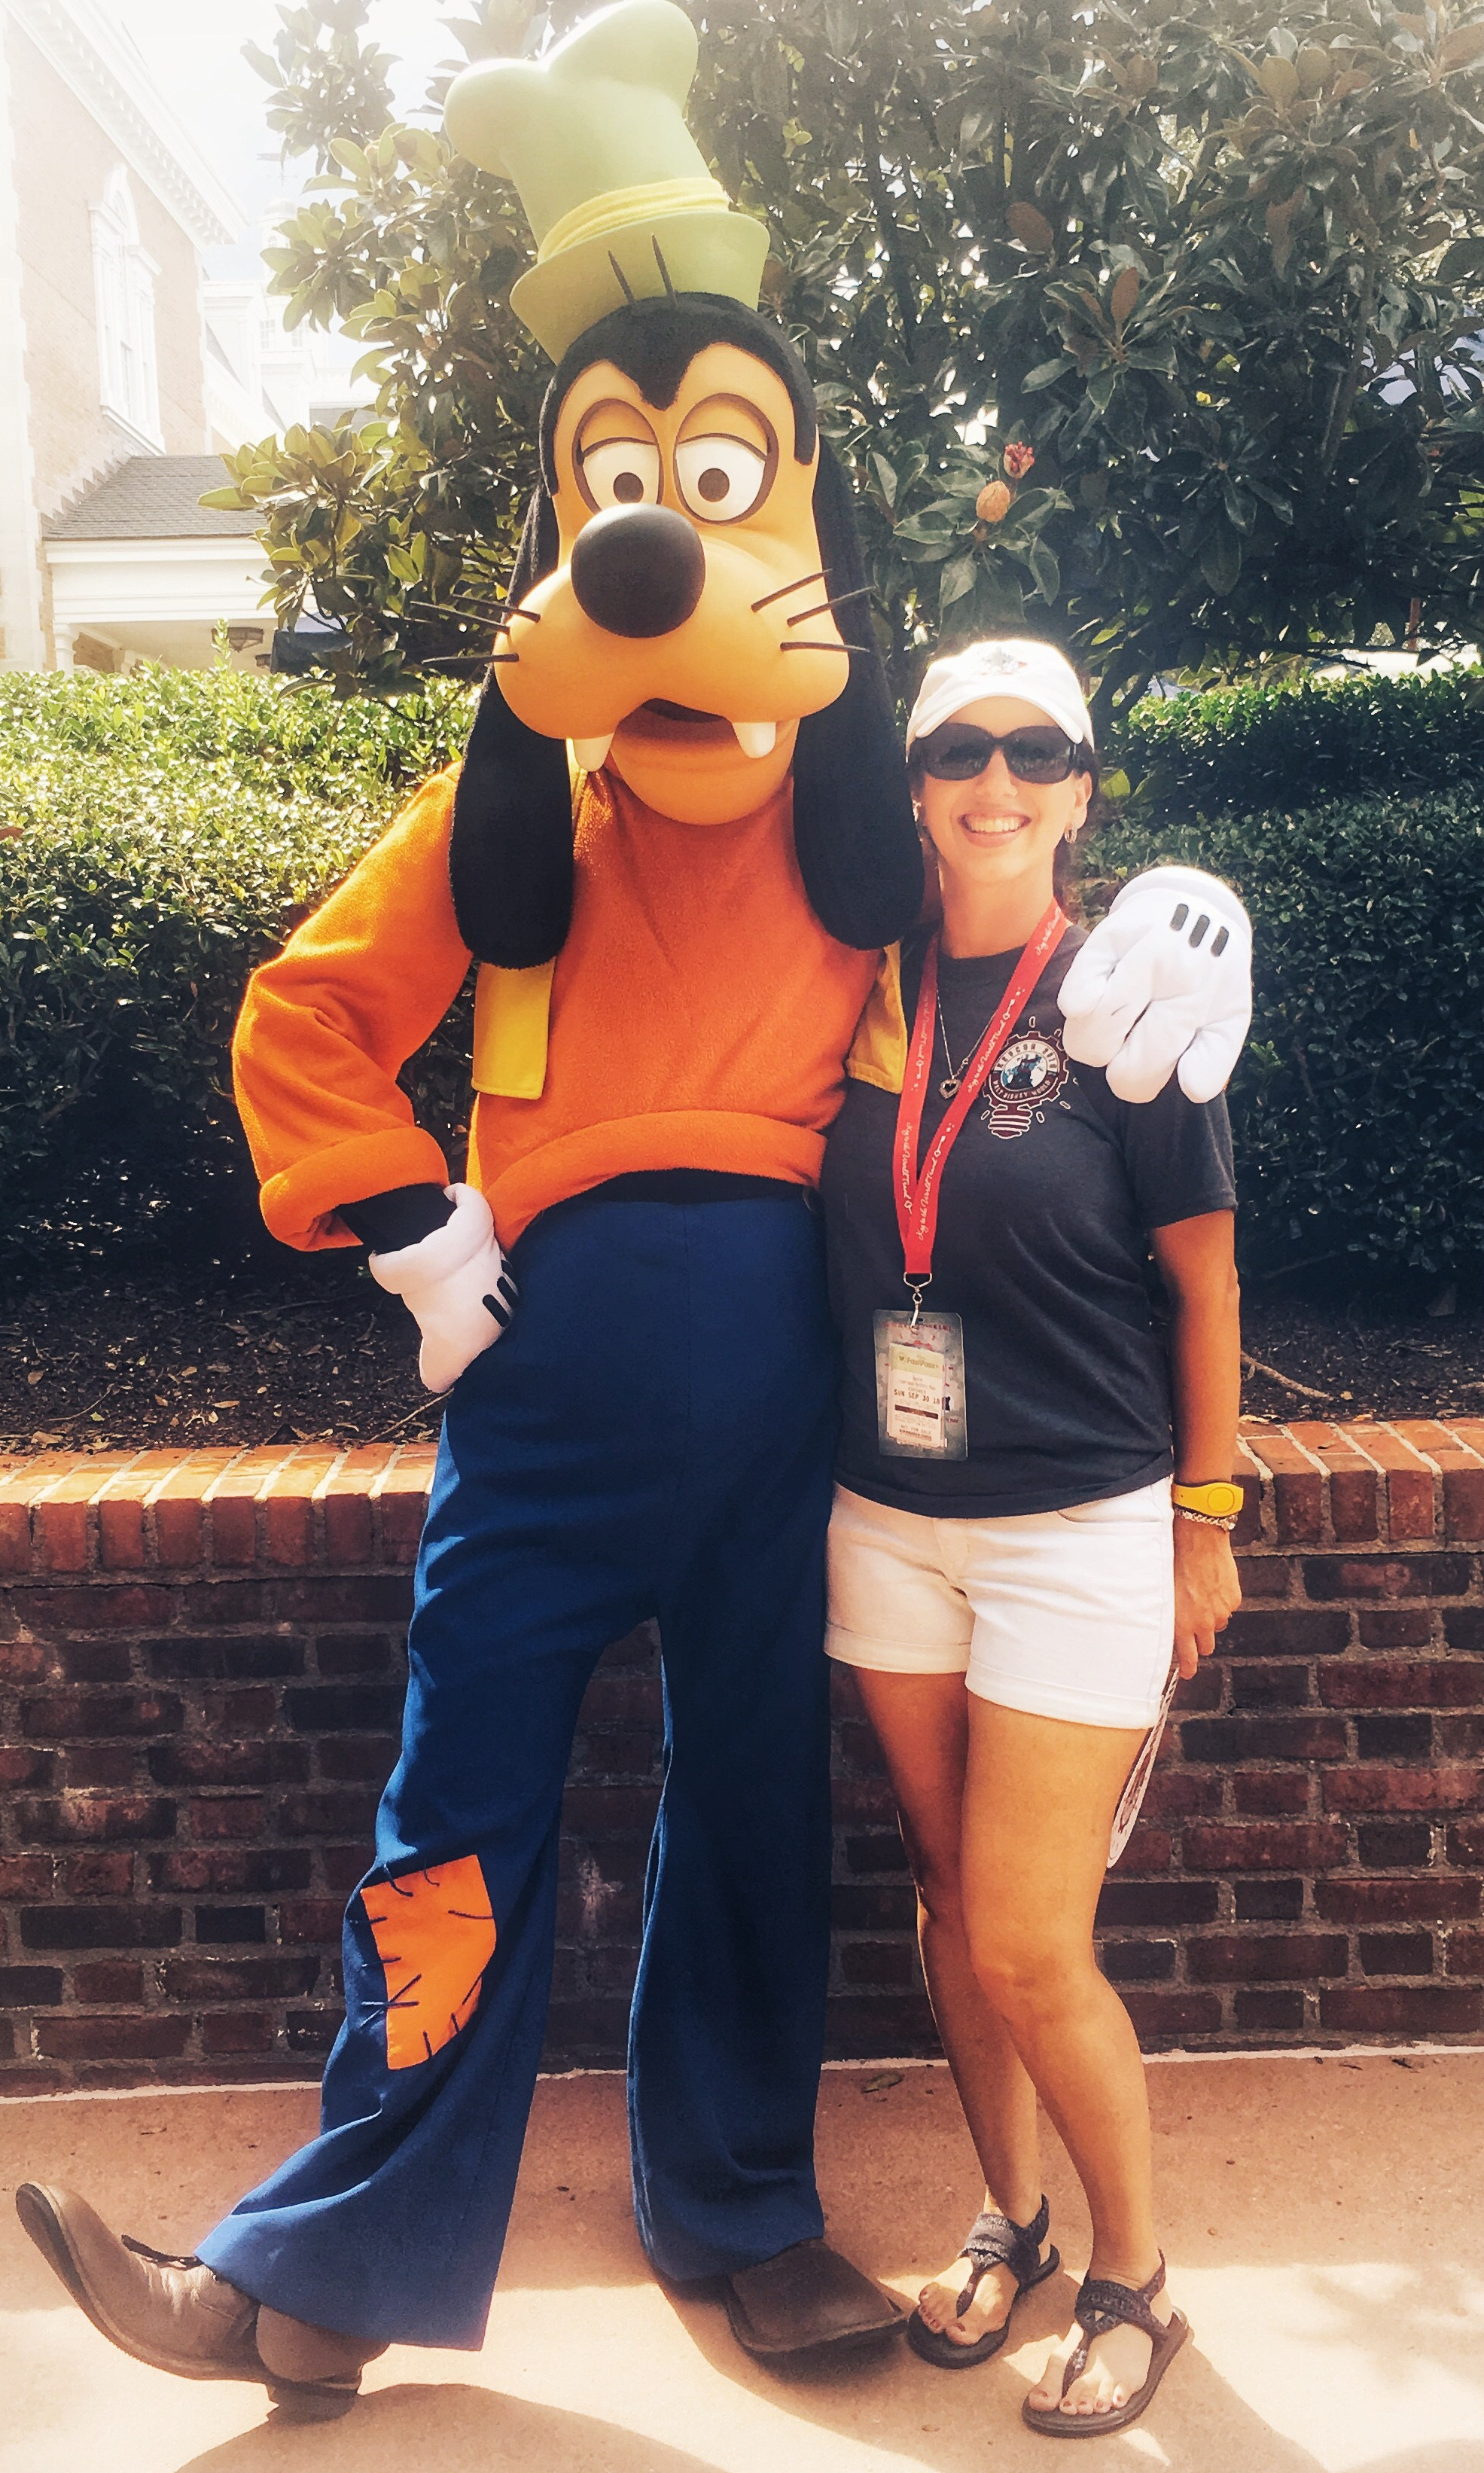 Deann & Goofy